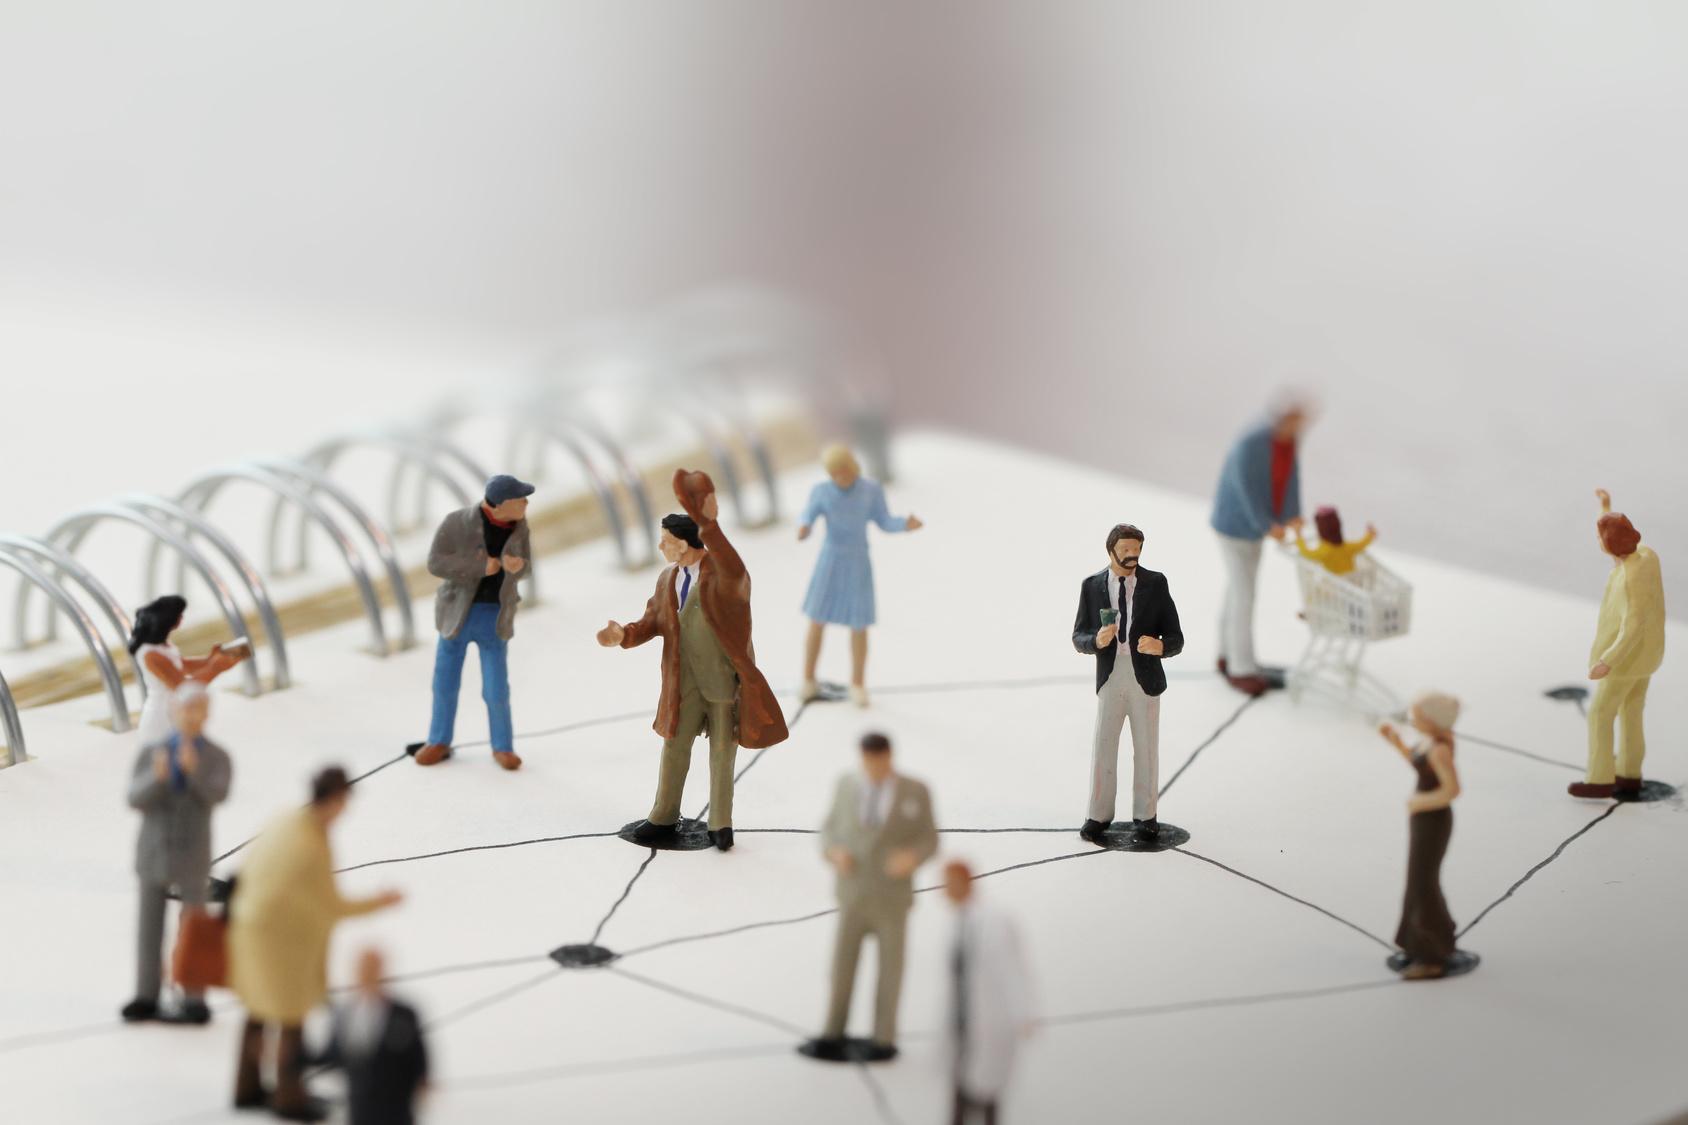 Agente immobiliare: scopri l'importanza delle relazioni sociali per costruire nuove opportunità!